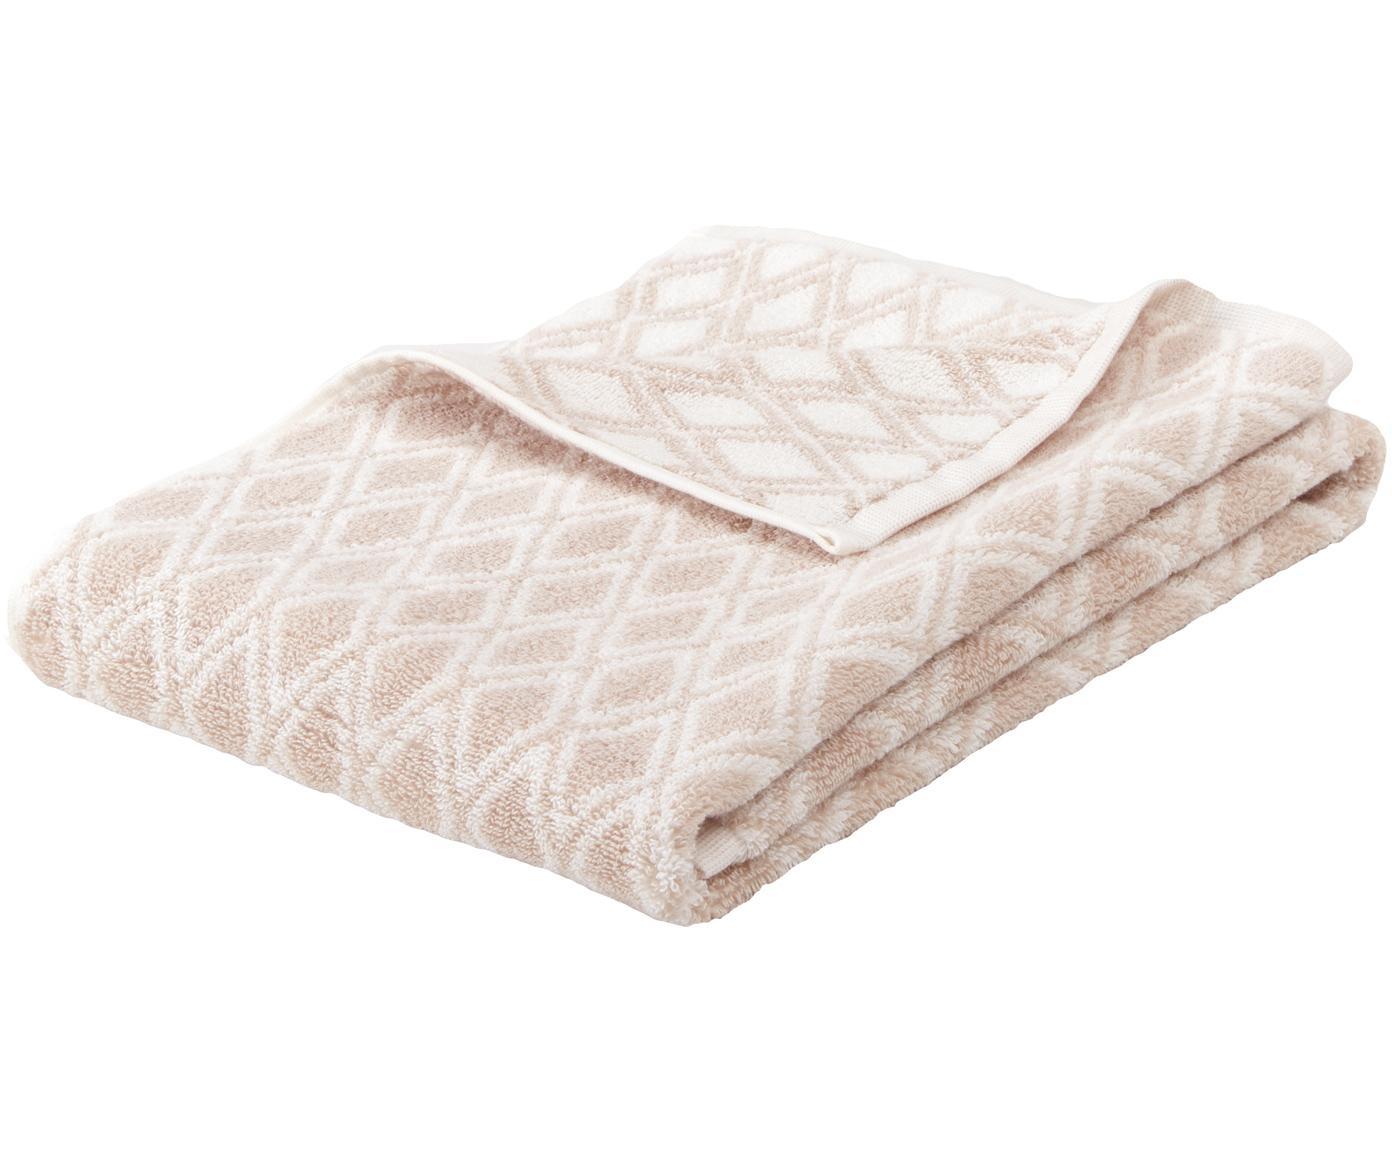 Dubbelzijdige handdoek Ava, 100% katoen, middelzware kwaliteit, 550 g/m², Zandkleurig, crèmewit, Handdoek